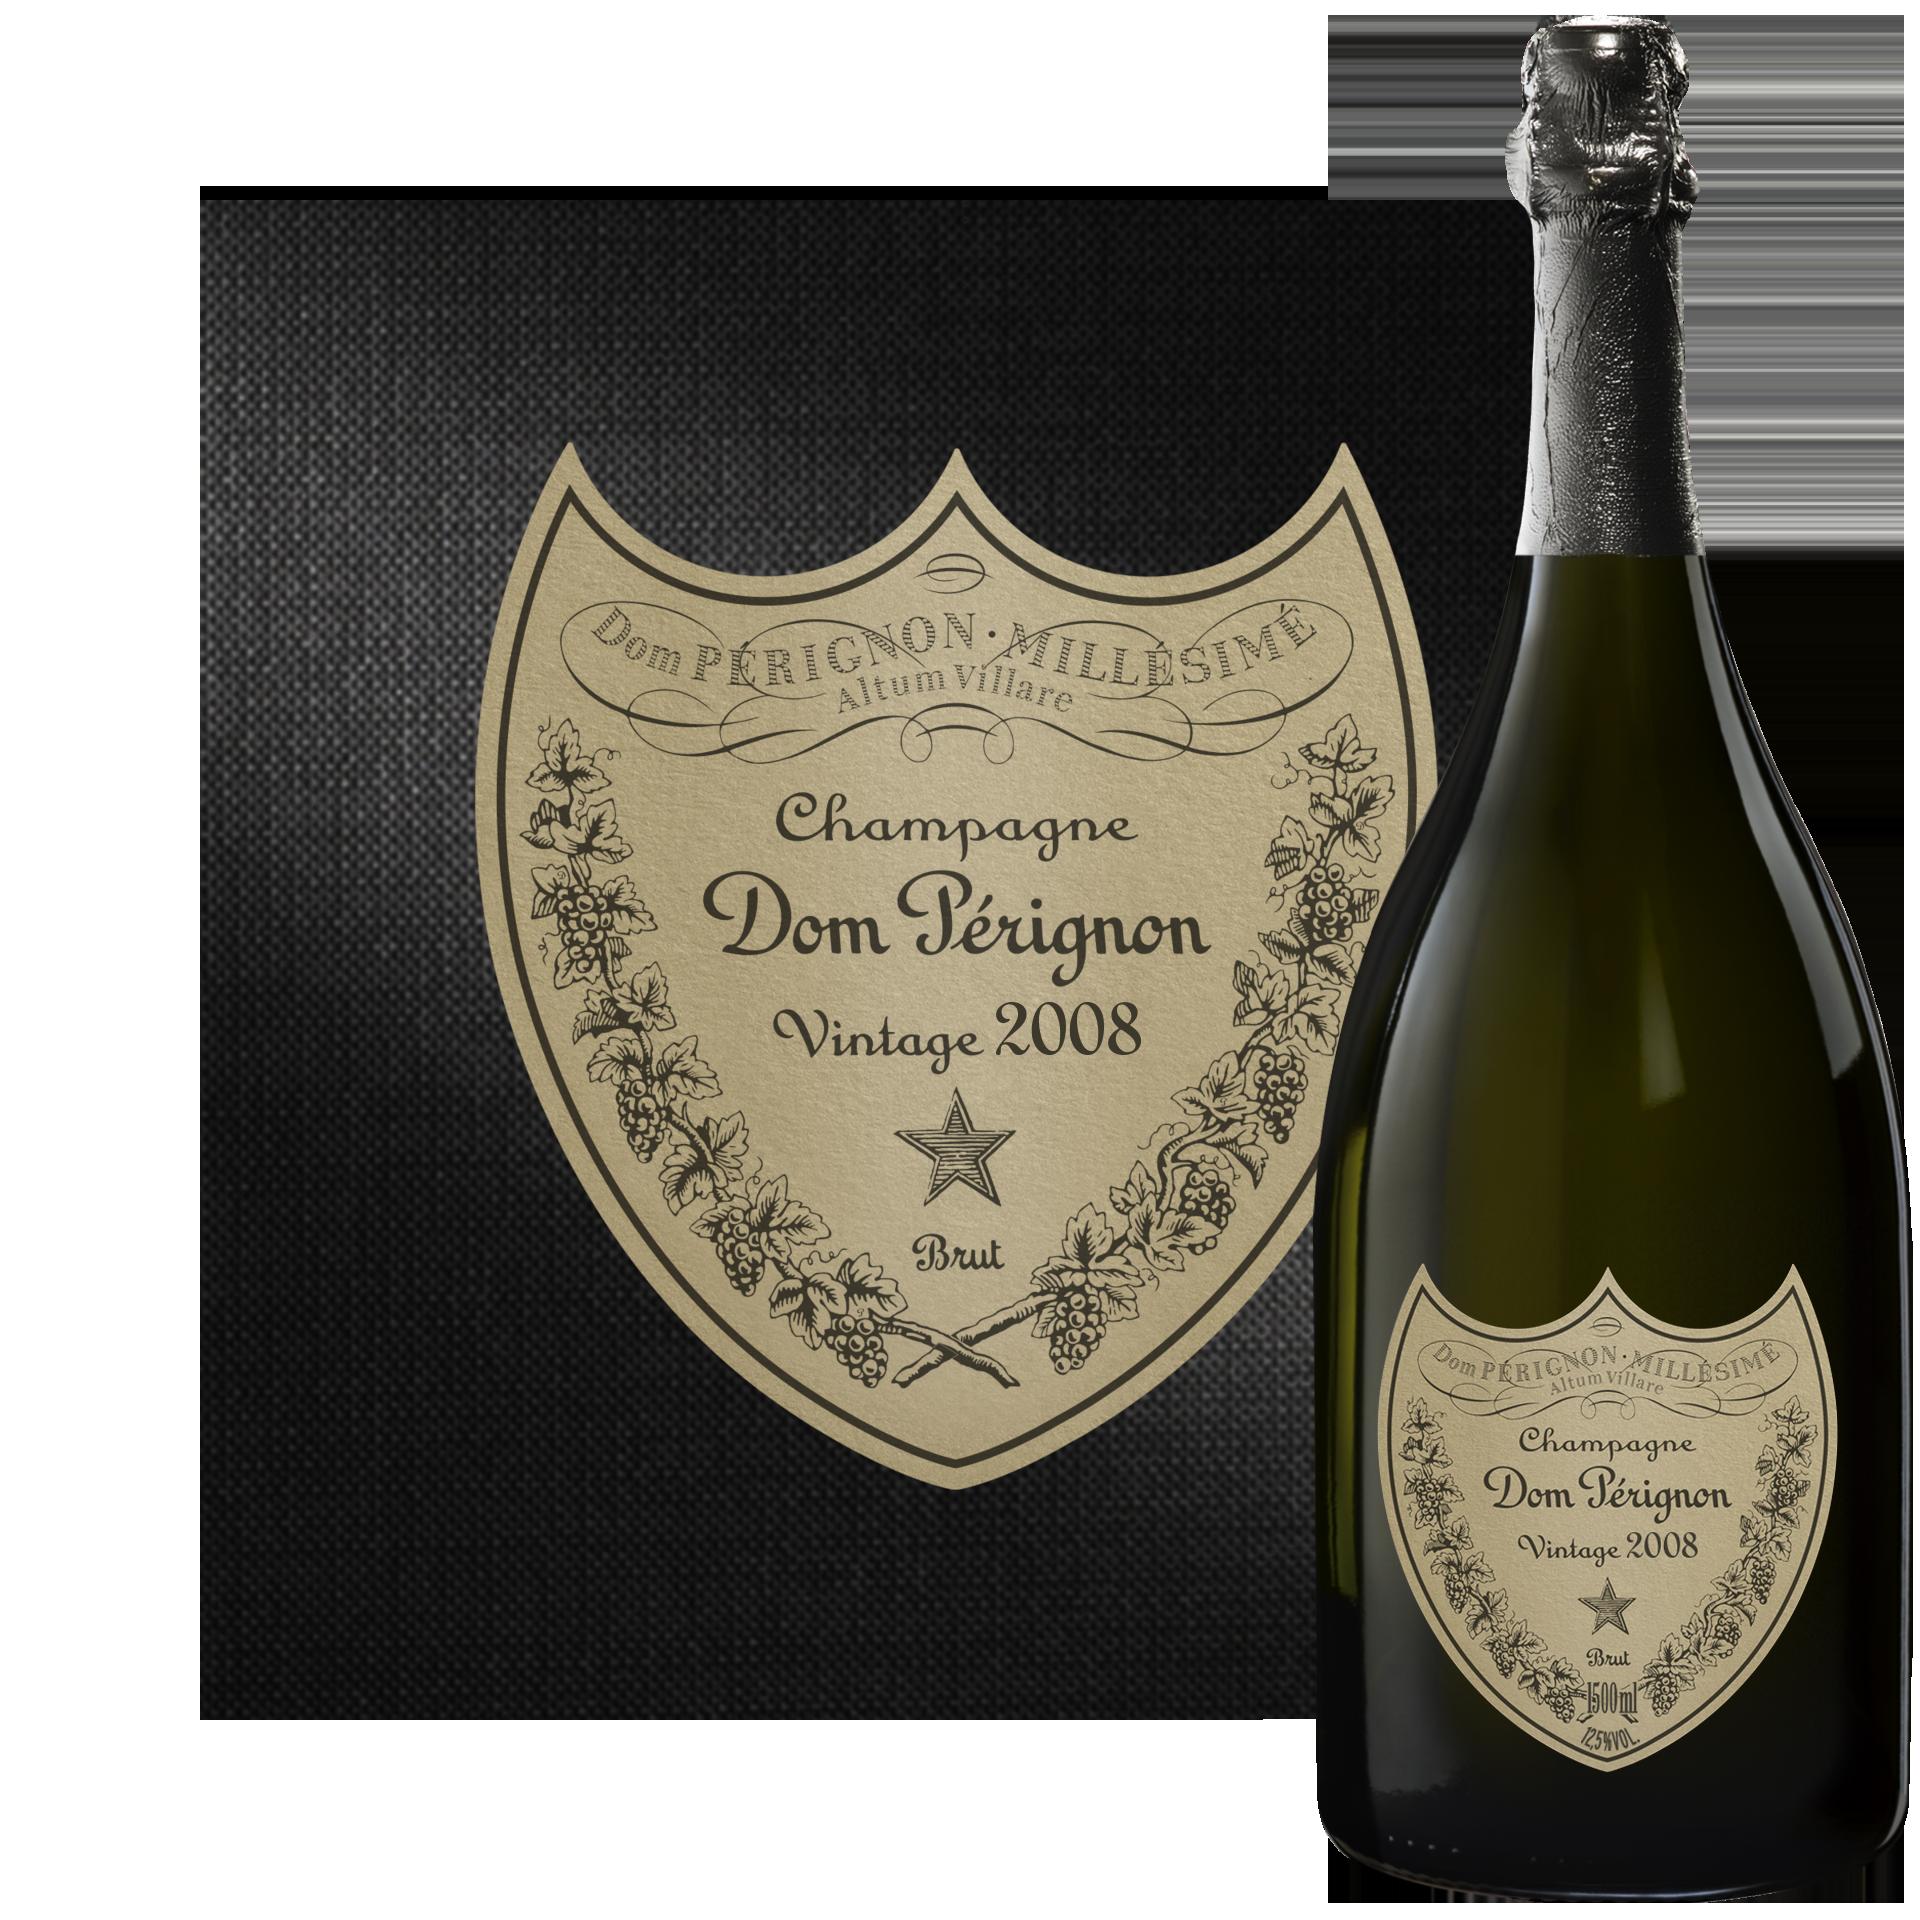 Bouteille Dom Pérignon Vintage 2008